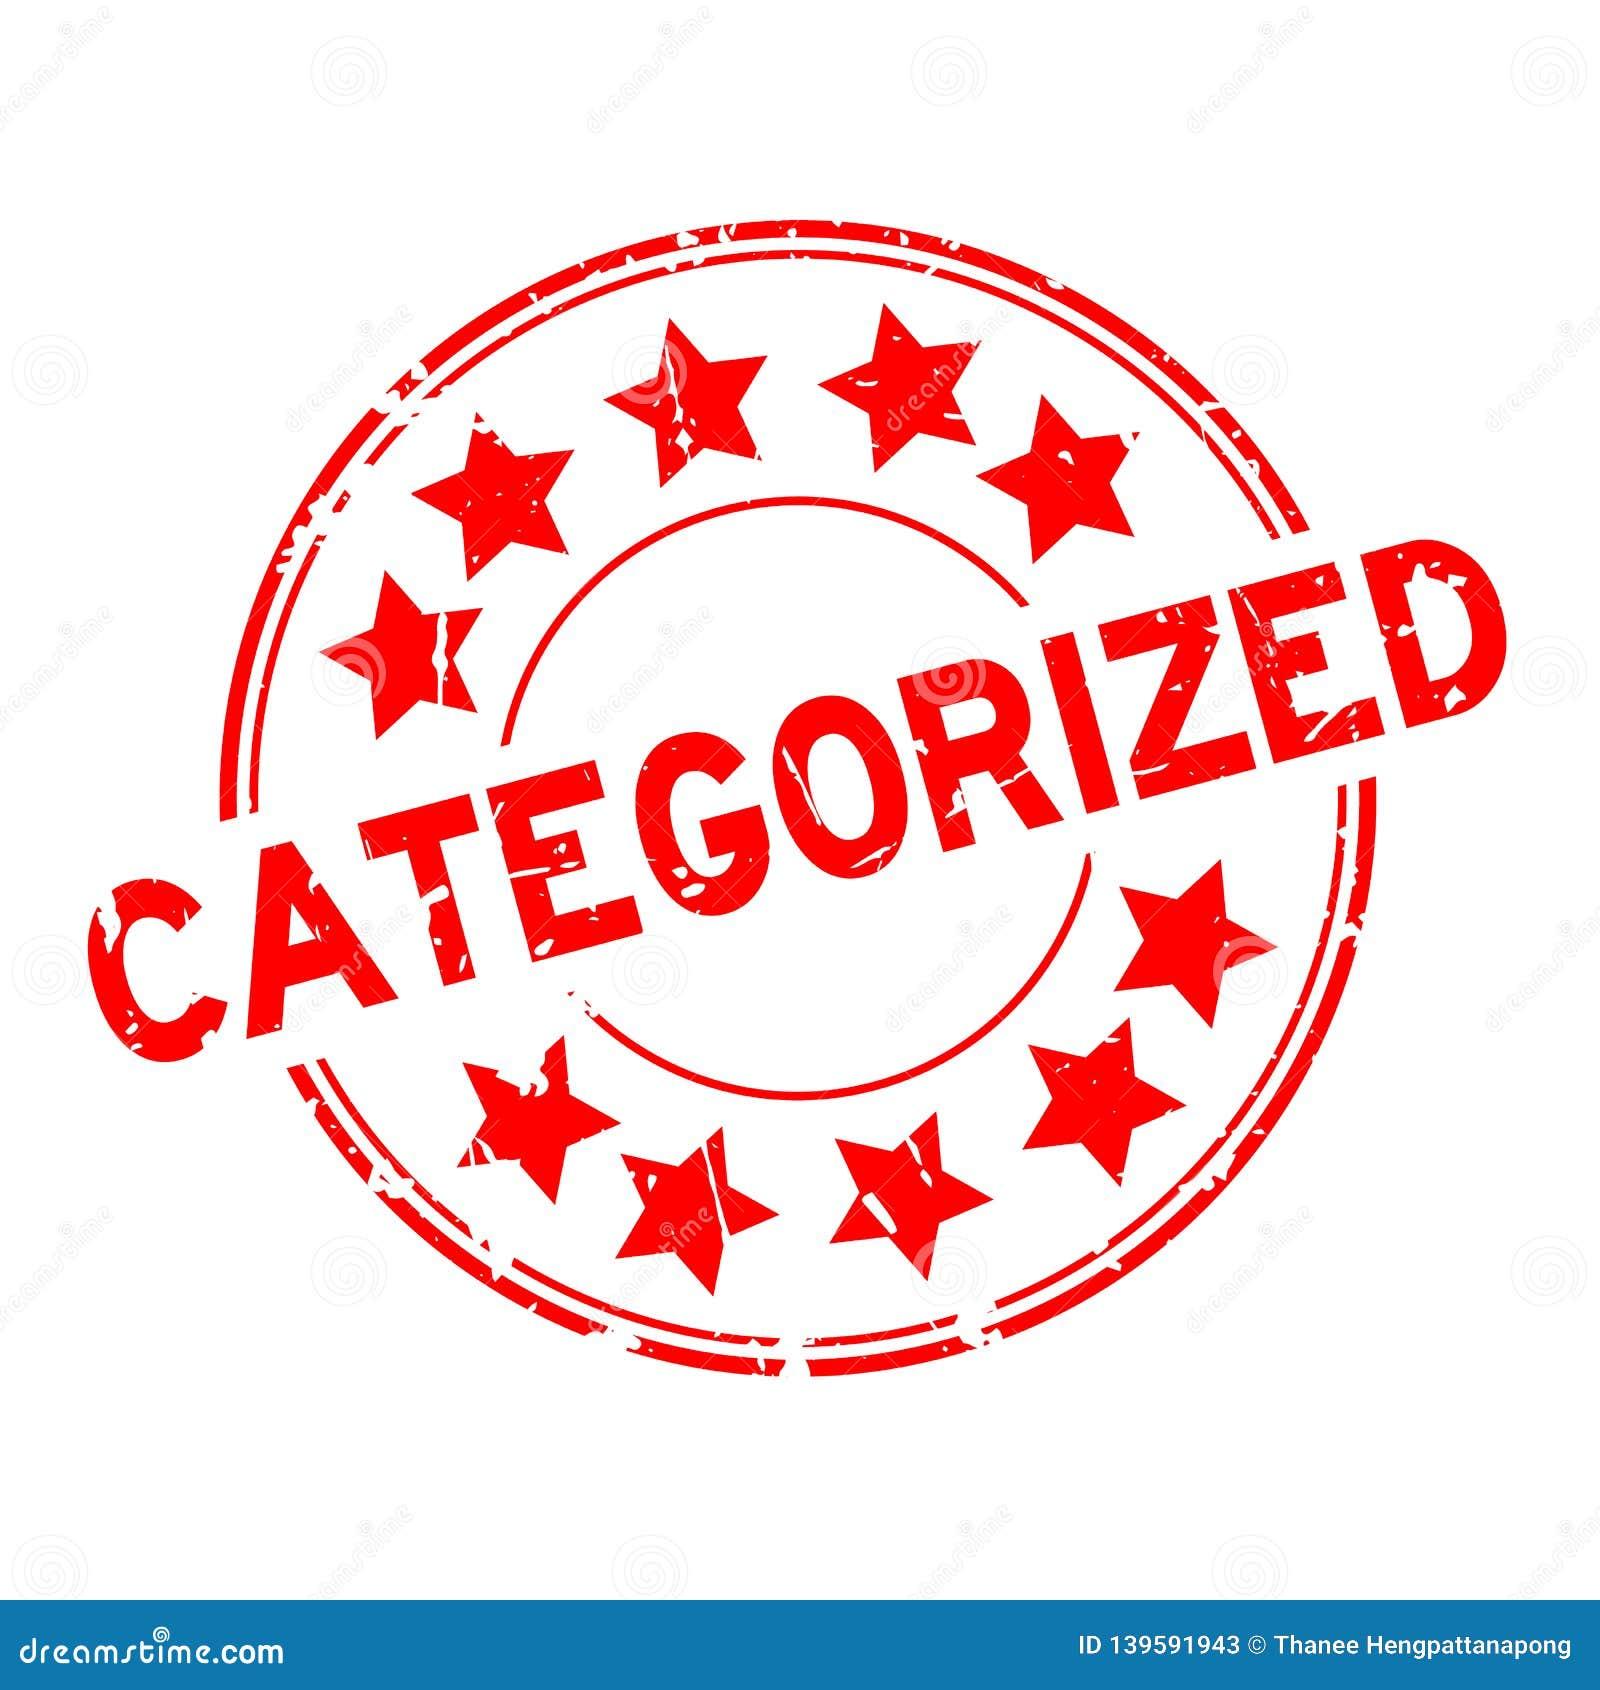 Vermelho do Grunge categorizado com carimbo de borracha redondo do ícone da estrela no fundo branco